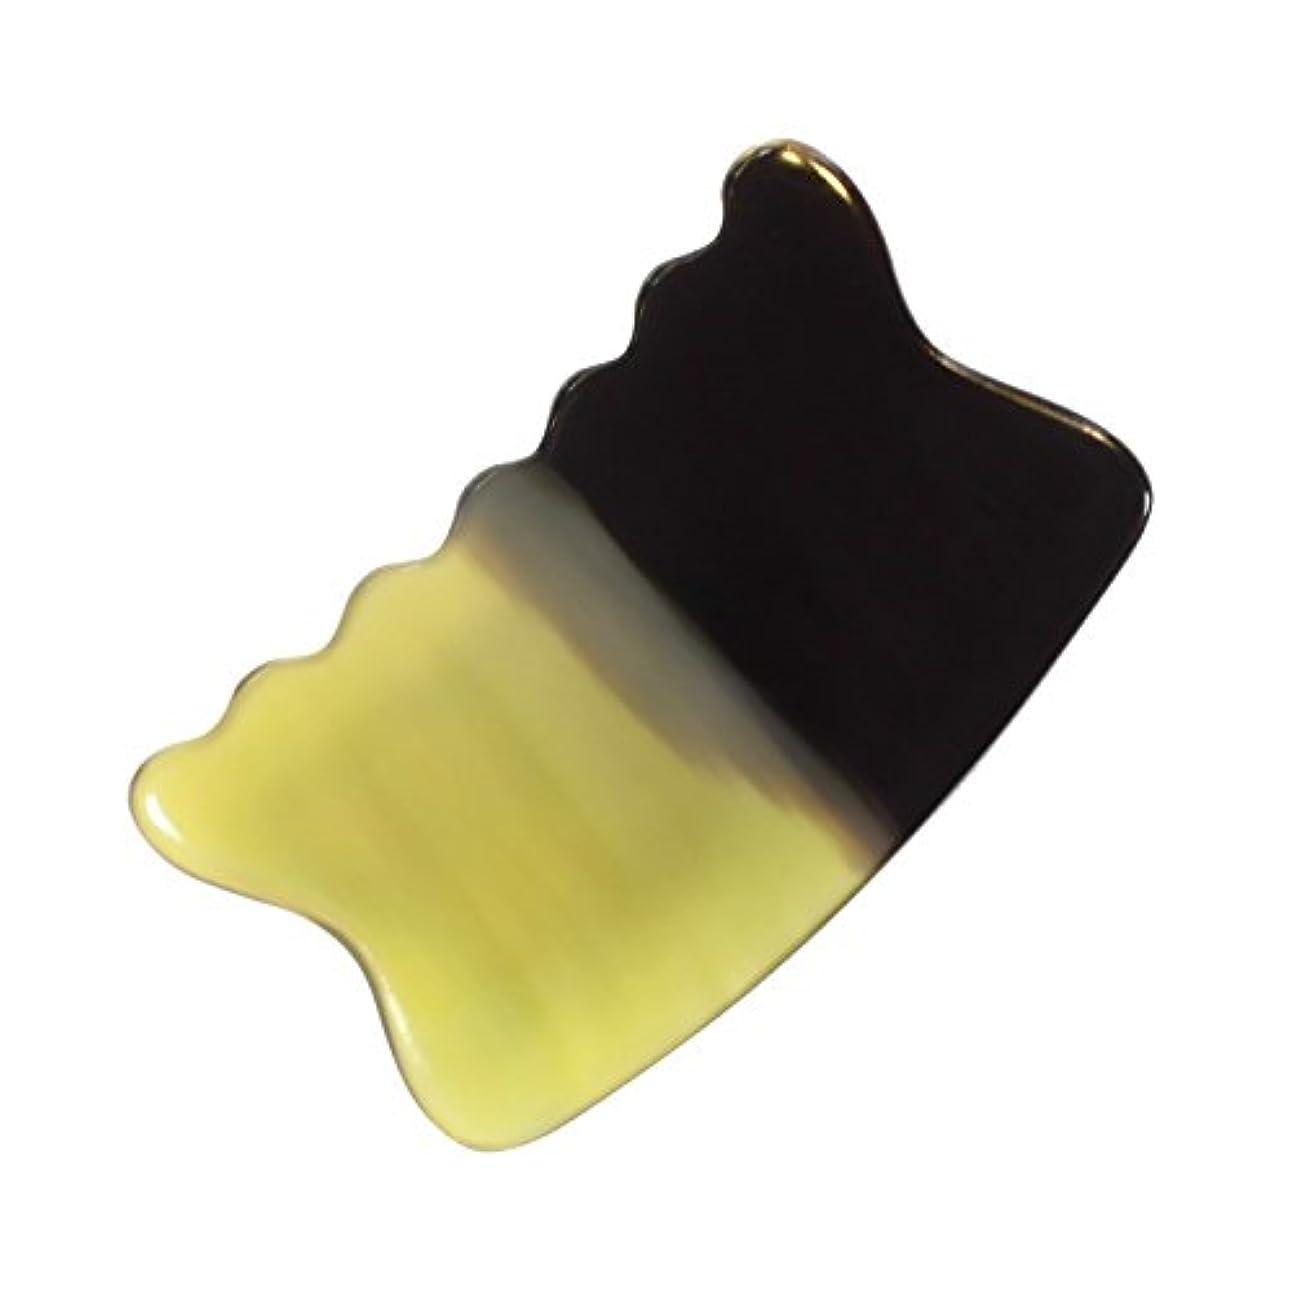 見てやる日帰り旅行にかっさ プレート 希少60 黄水牛角 極美品 曲波型